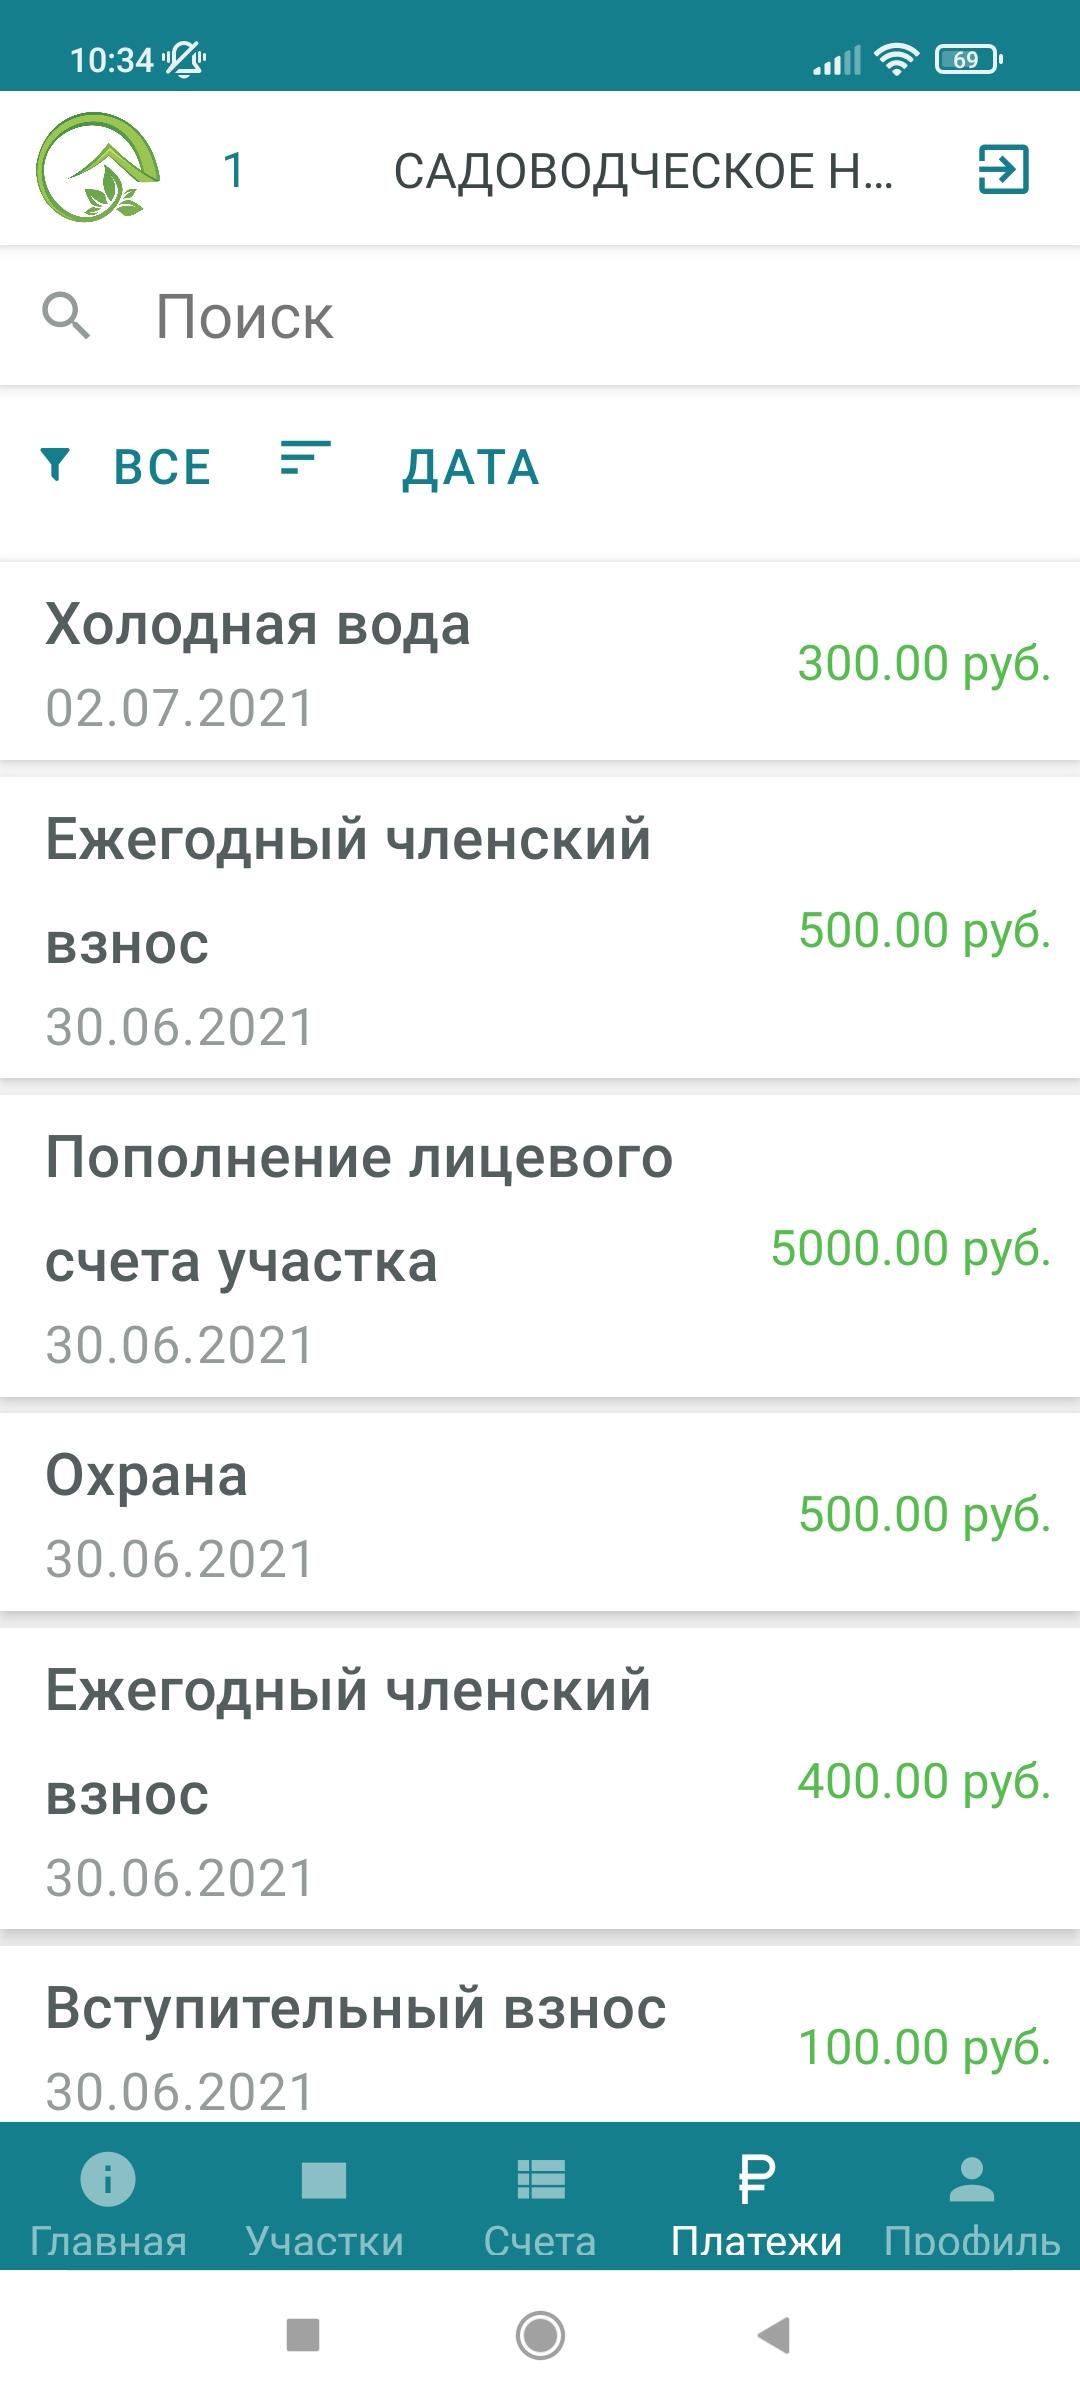 Раздел платежей в мобильном приложении